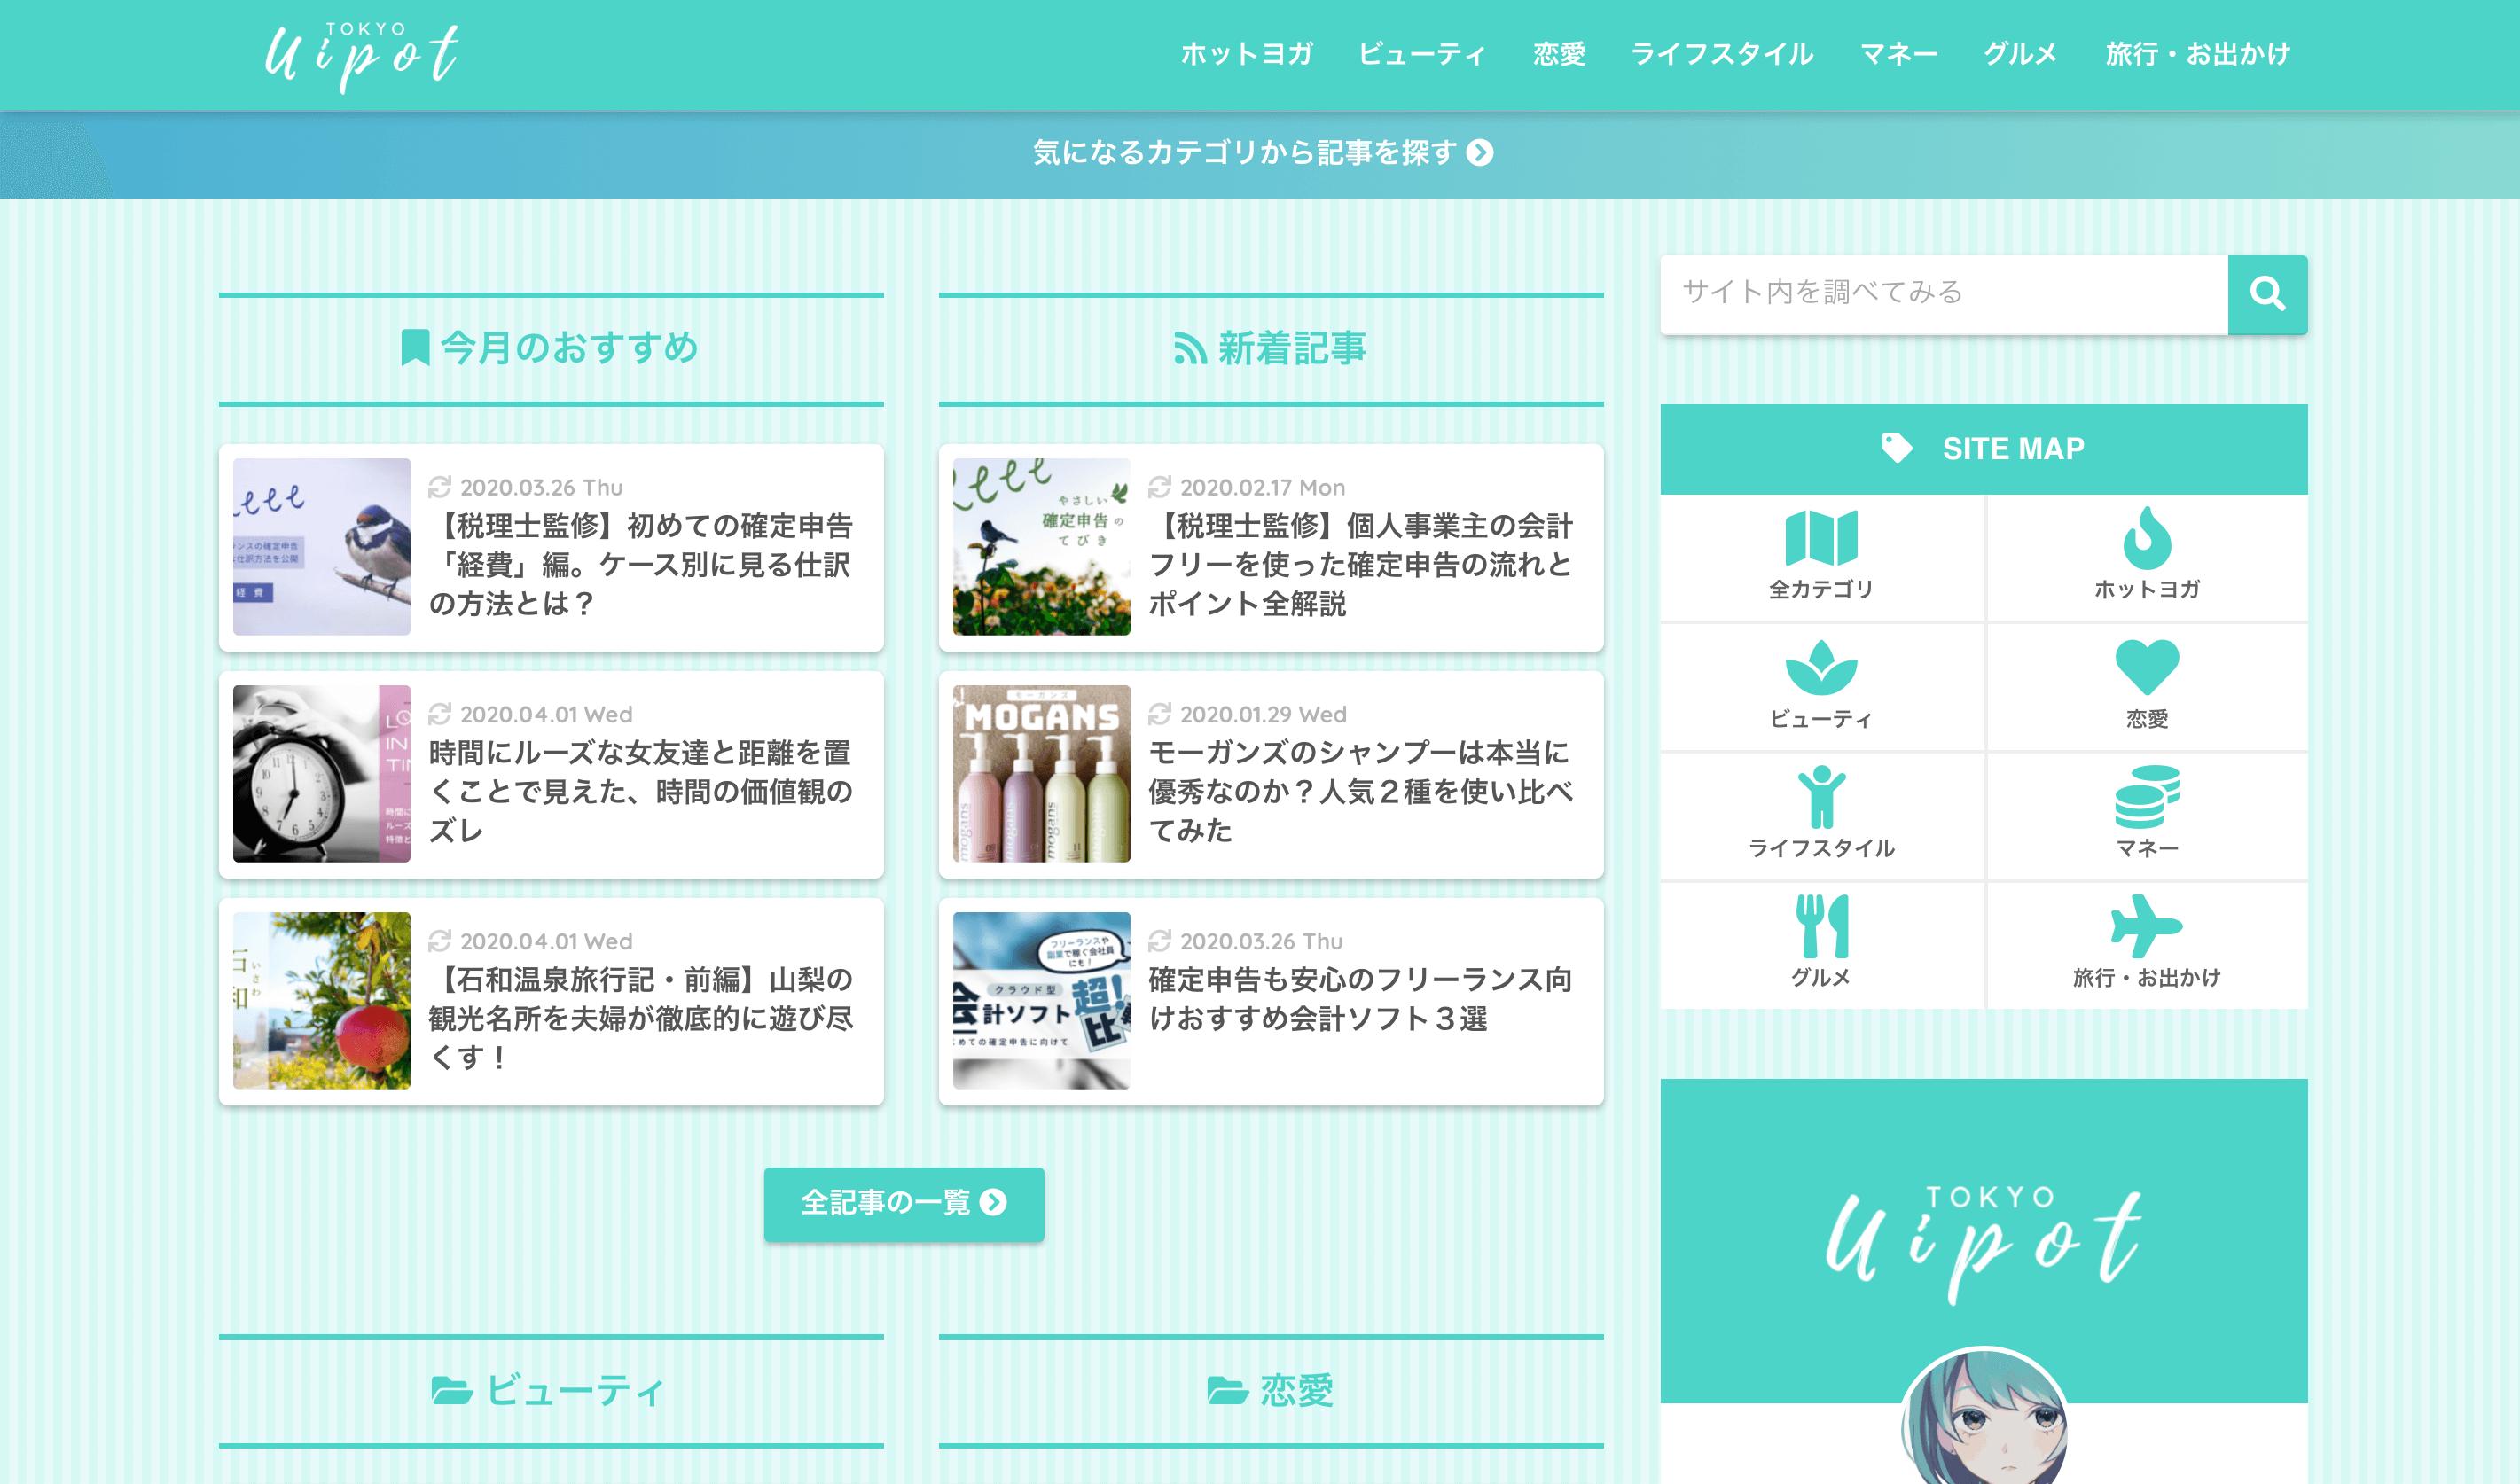 UIPOT.tokyo